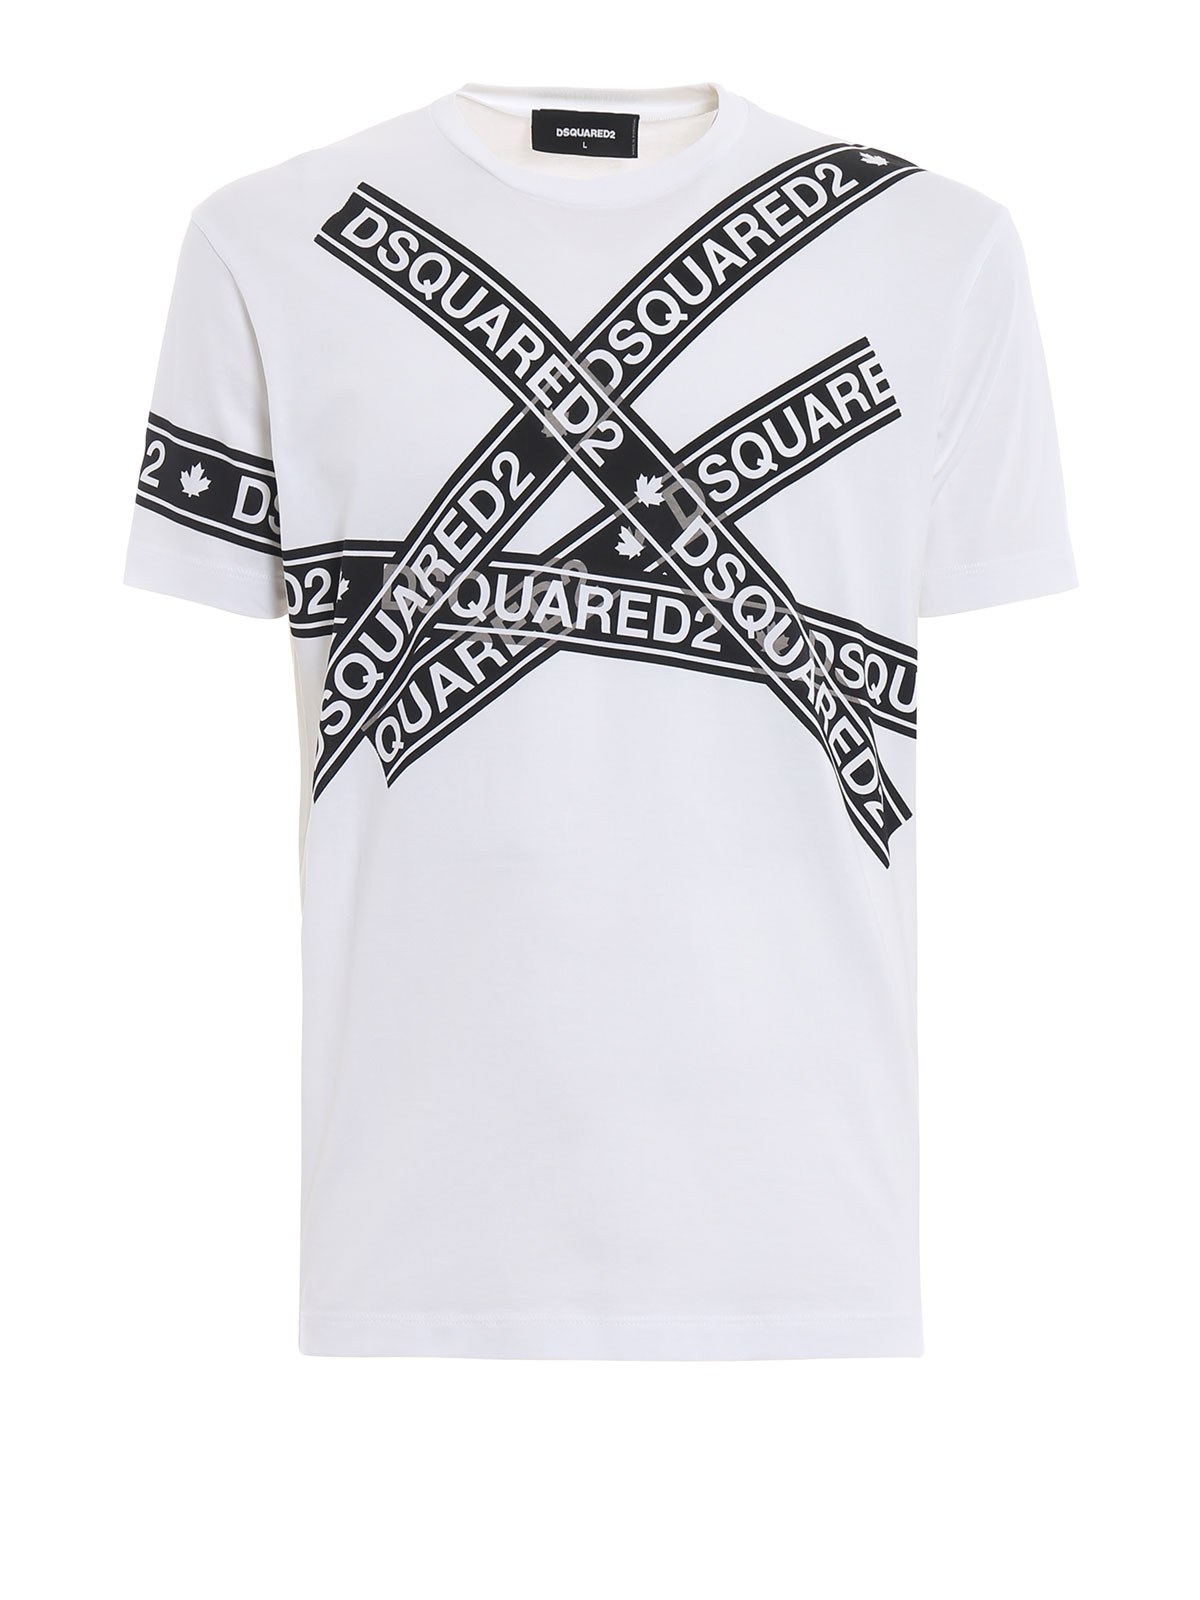 big sale 5e6a8 2a410 Dsquared2 - T-shirt con stampa nastro adesivo logato - t ...